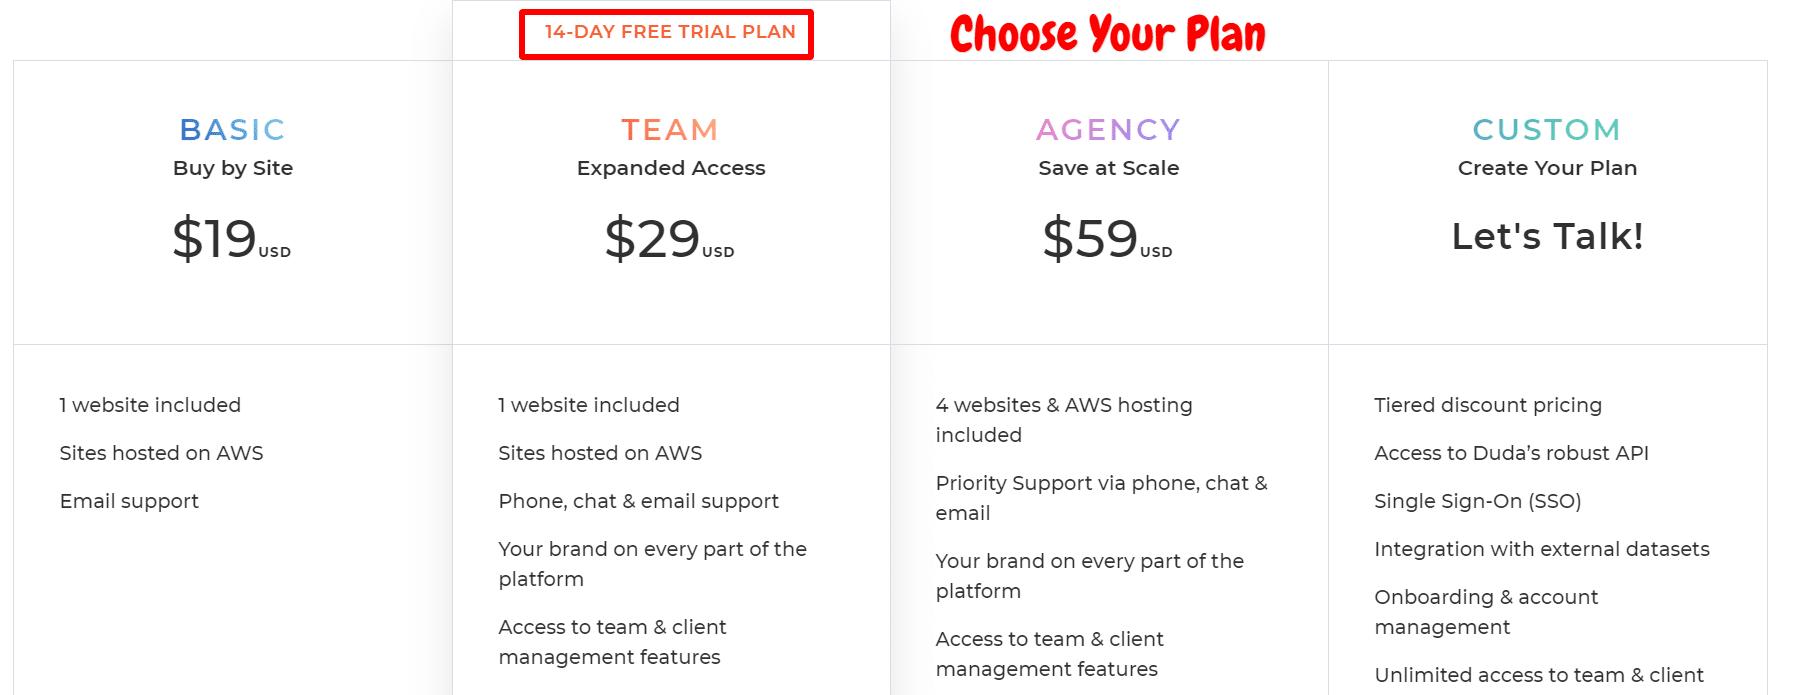 Choose-Your-Plan-Duda-Coupon